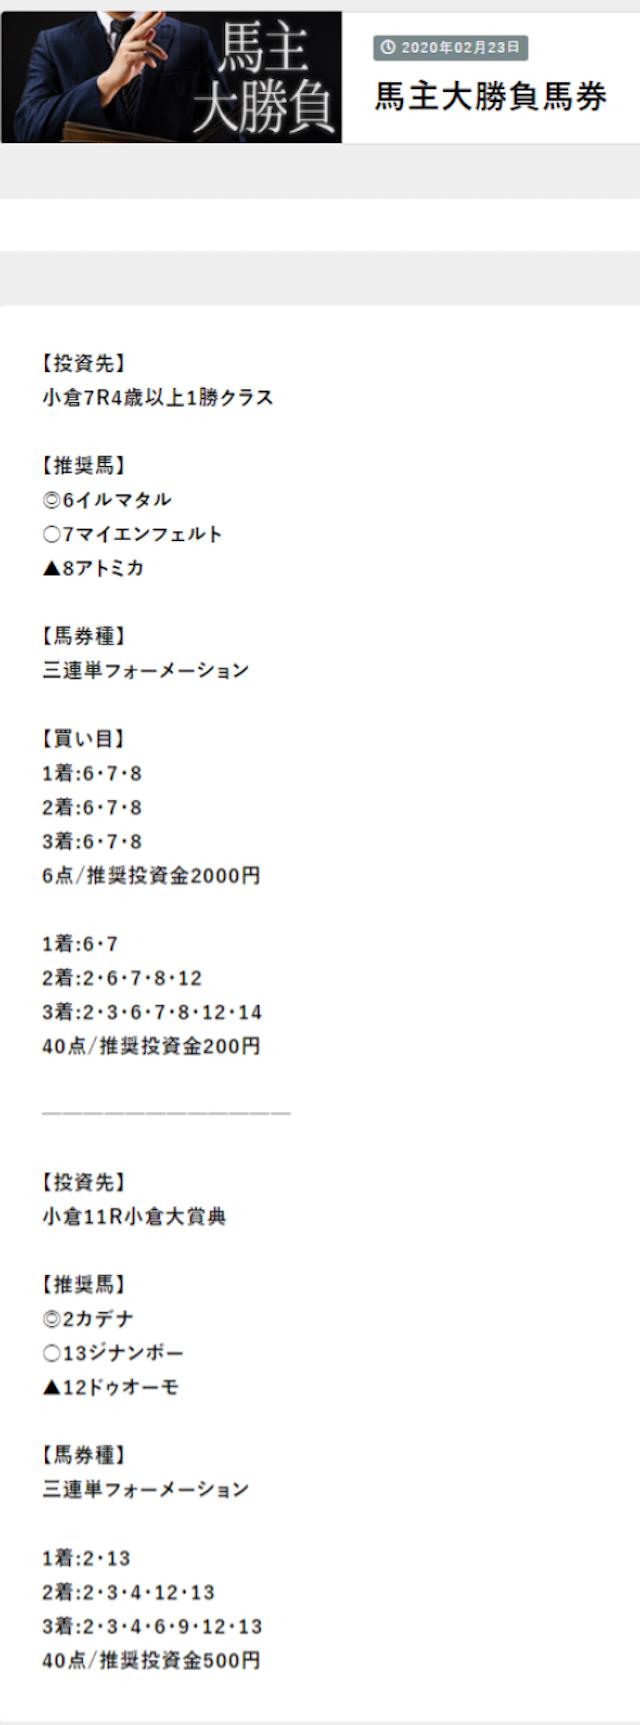 NN競馬会 2月23日 有料予想買い目